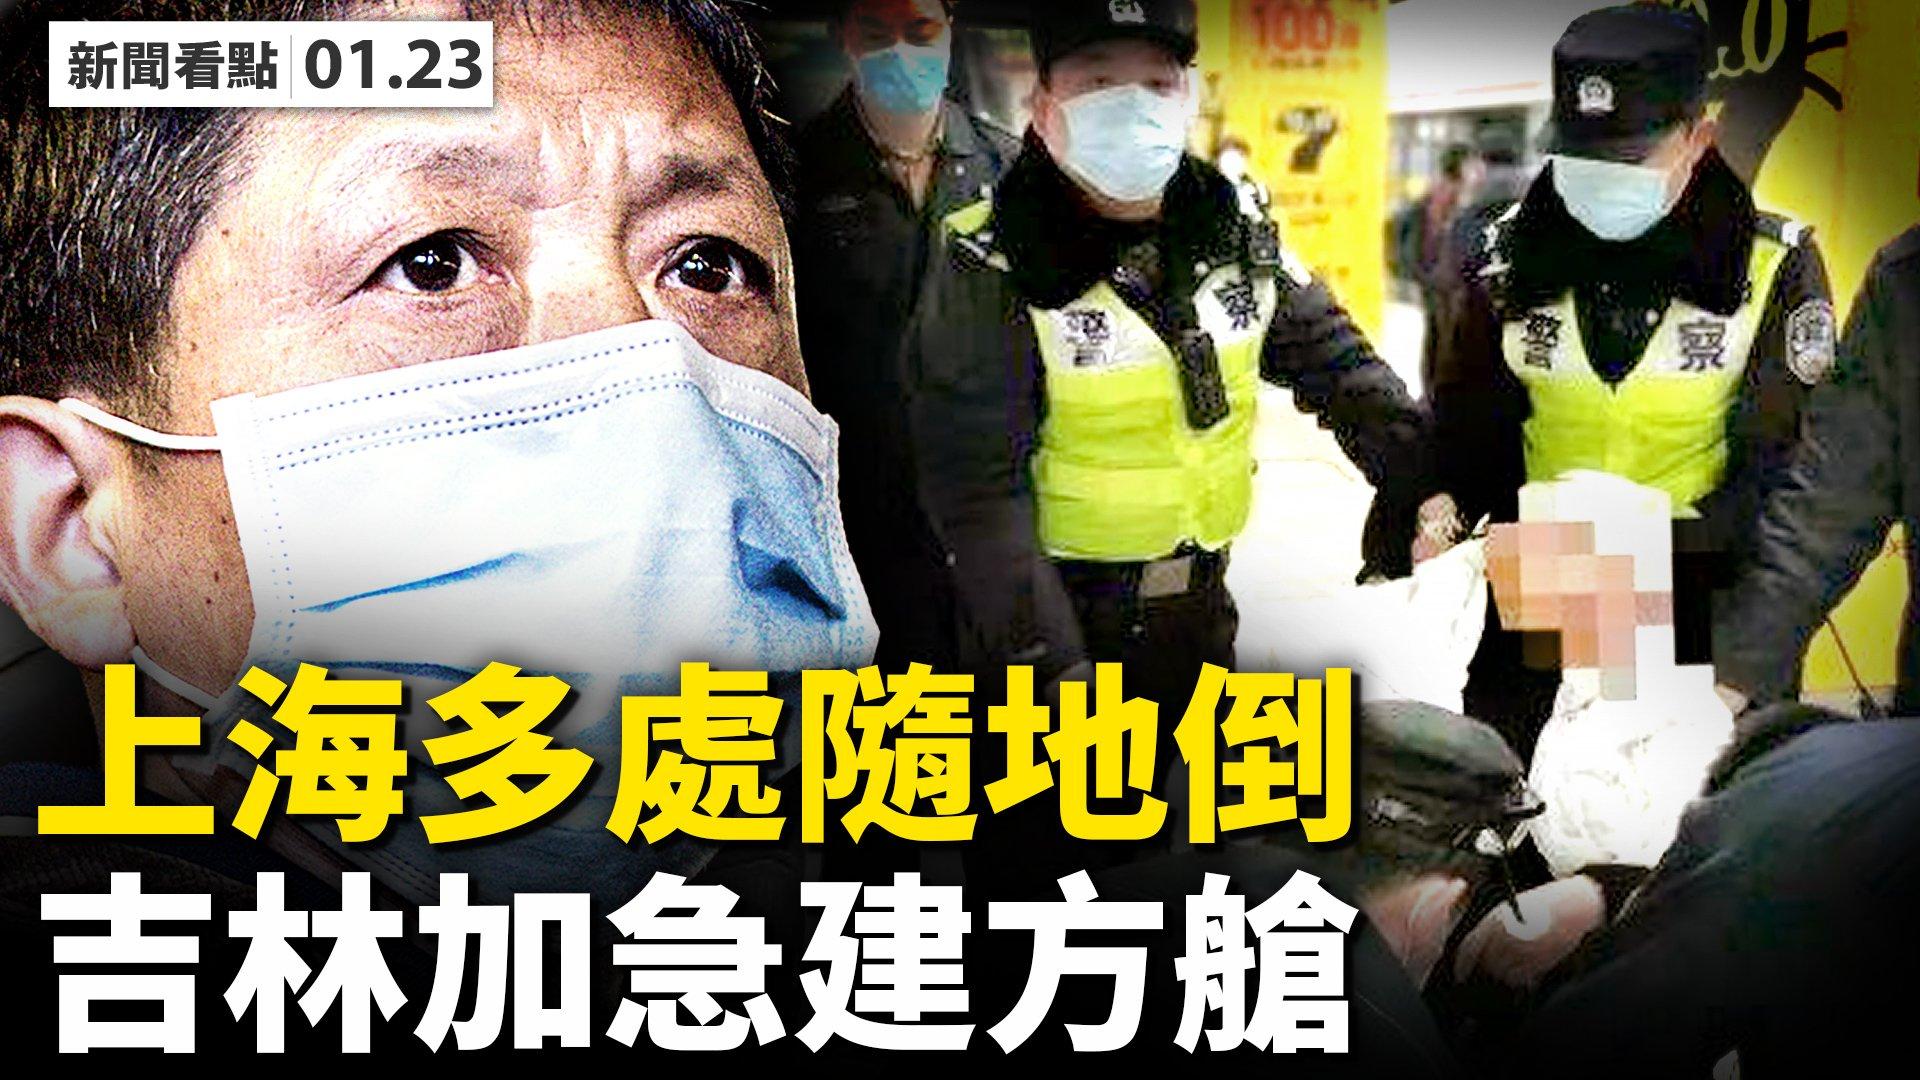 一年前的1月23日,武漢官方在凌晨2點宣佈封城。當天幾十萬人利用各種方式,逃離了武漢。一年後的今天,中國疫情再次嚴重,多地封城。(大紀元合成)